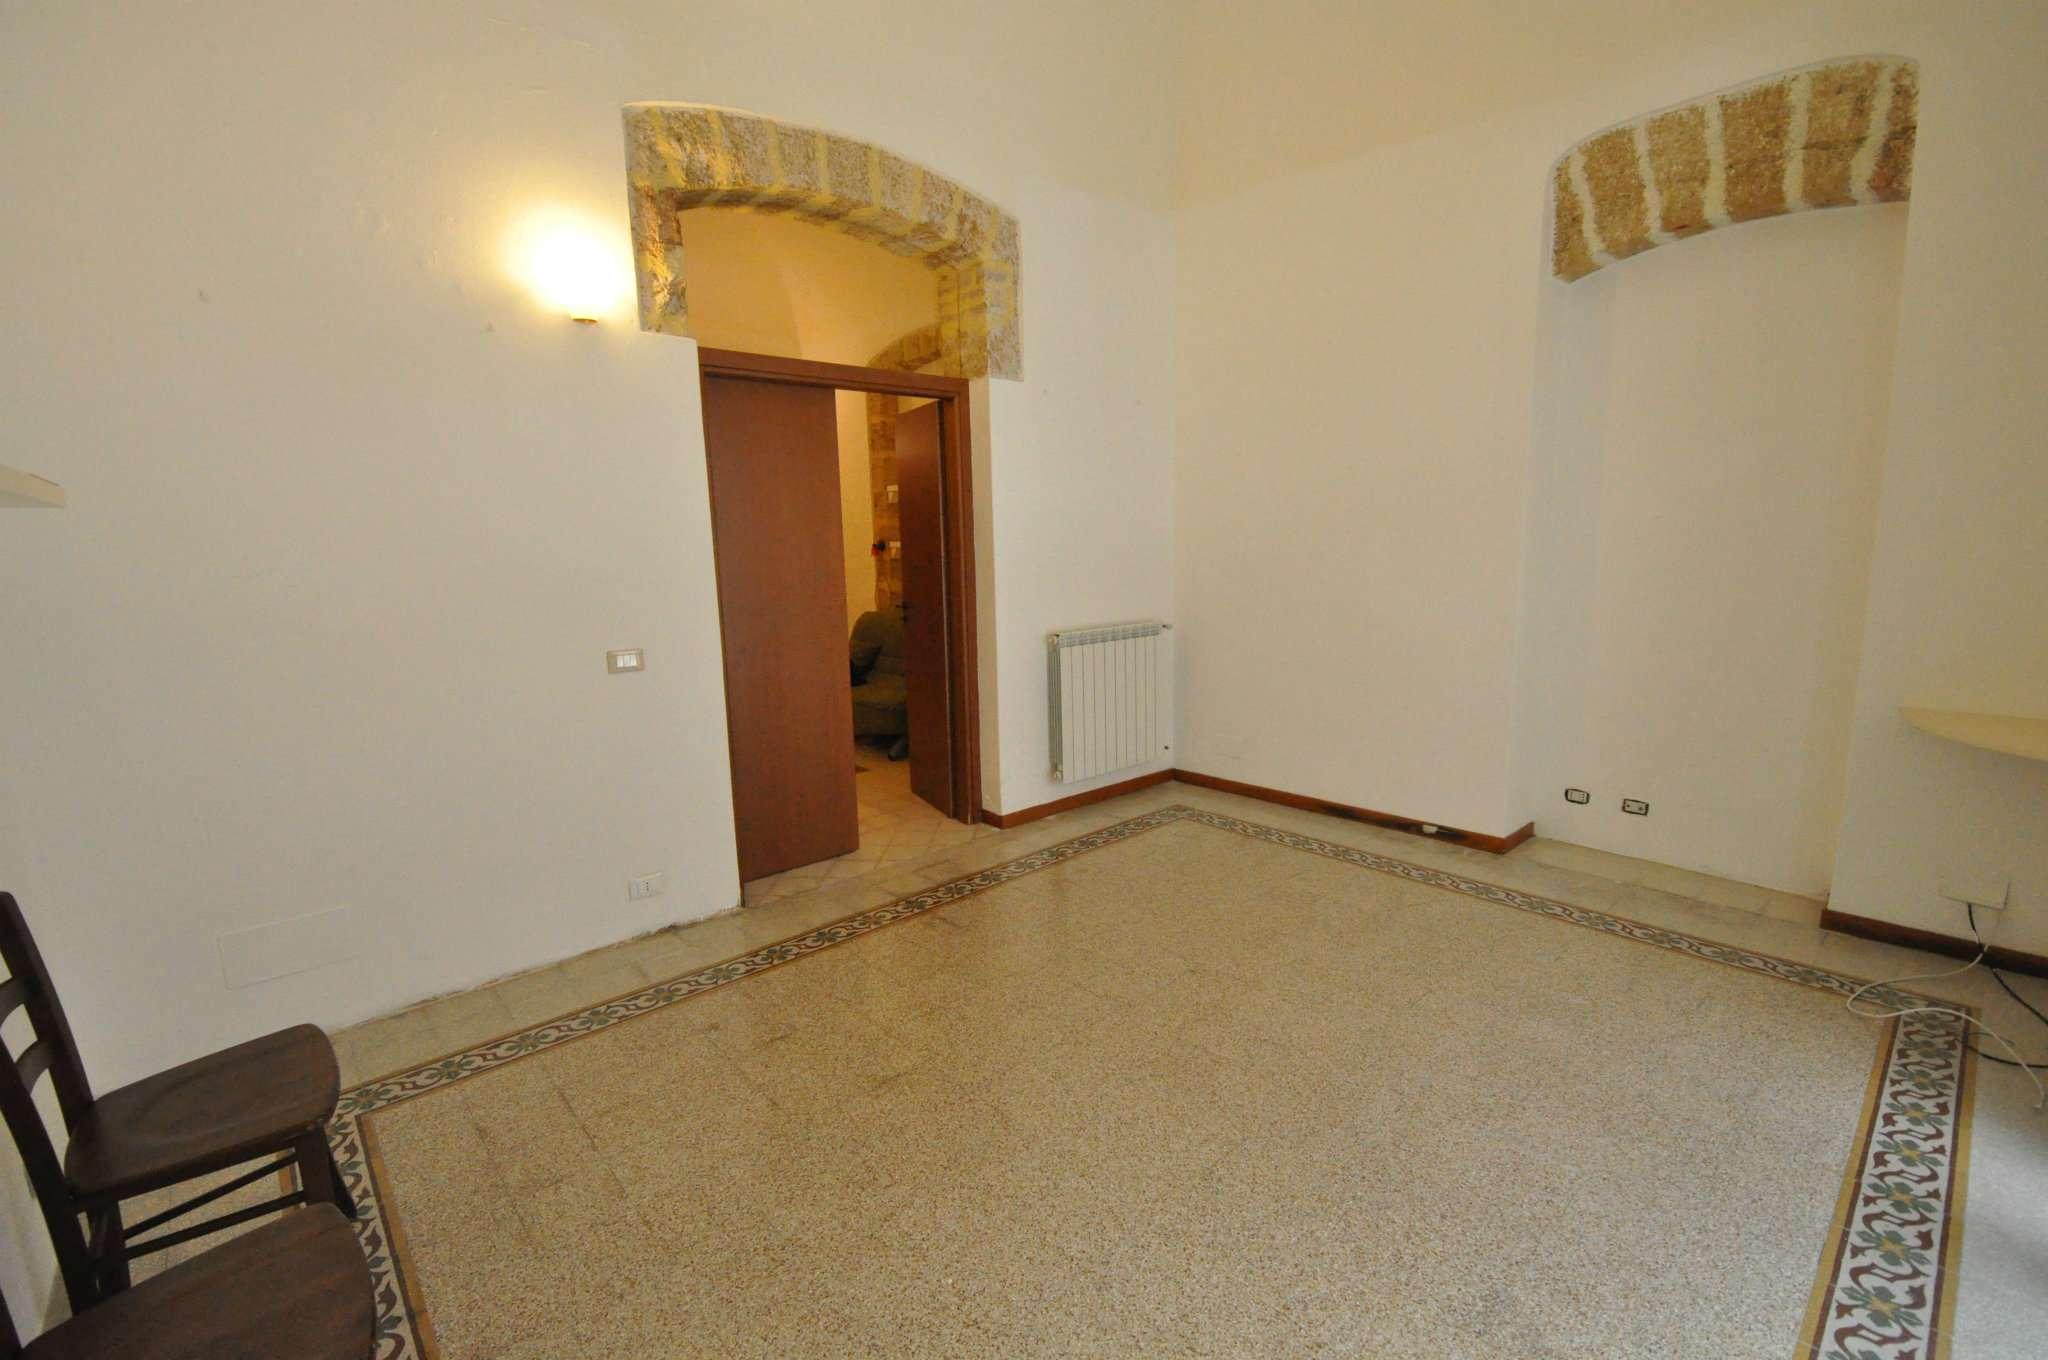 Appartamento in Affitto a Palermo: 2 locali, 60 mq